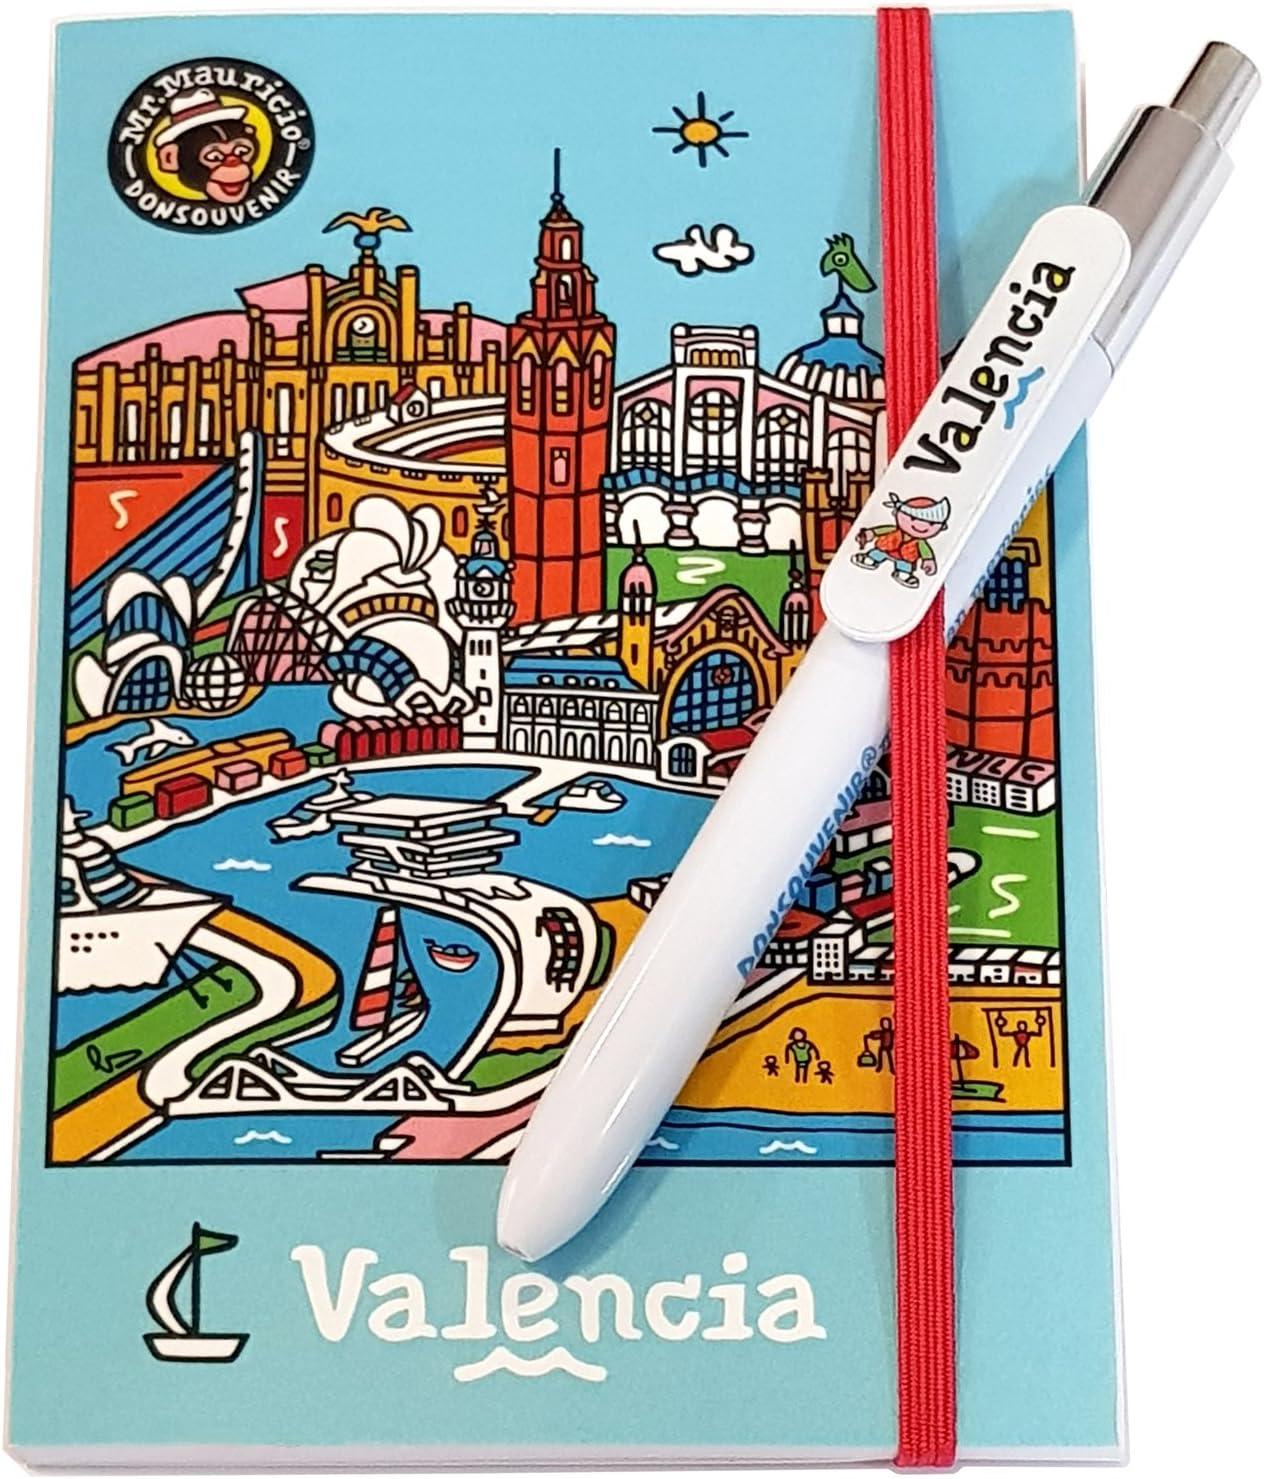 LIBRETA Y BOLIGRAFO VALENCIA.